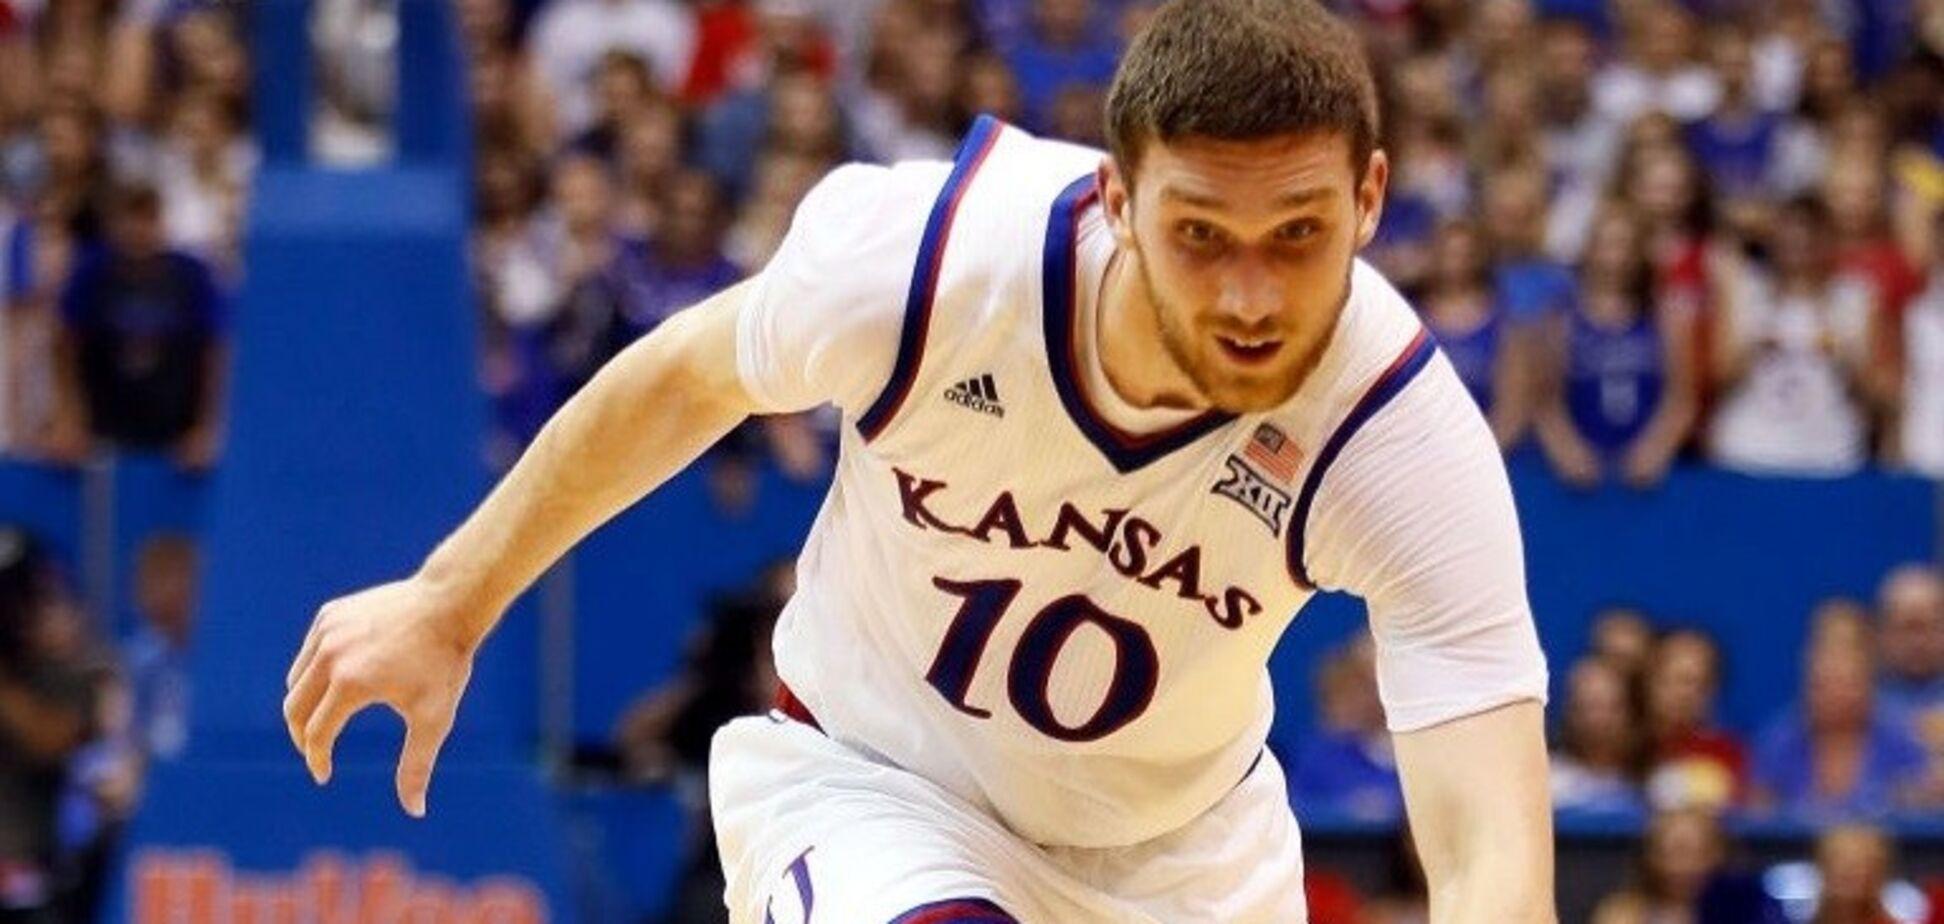 20-річний гравець збірної України провів кращий матч року в NCAA